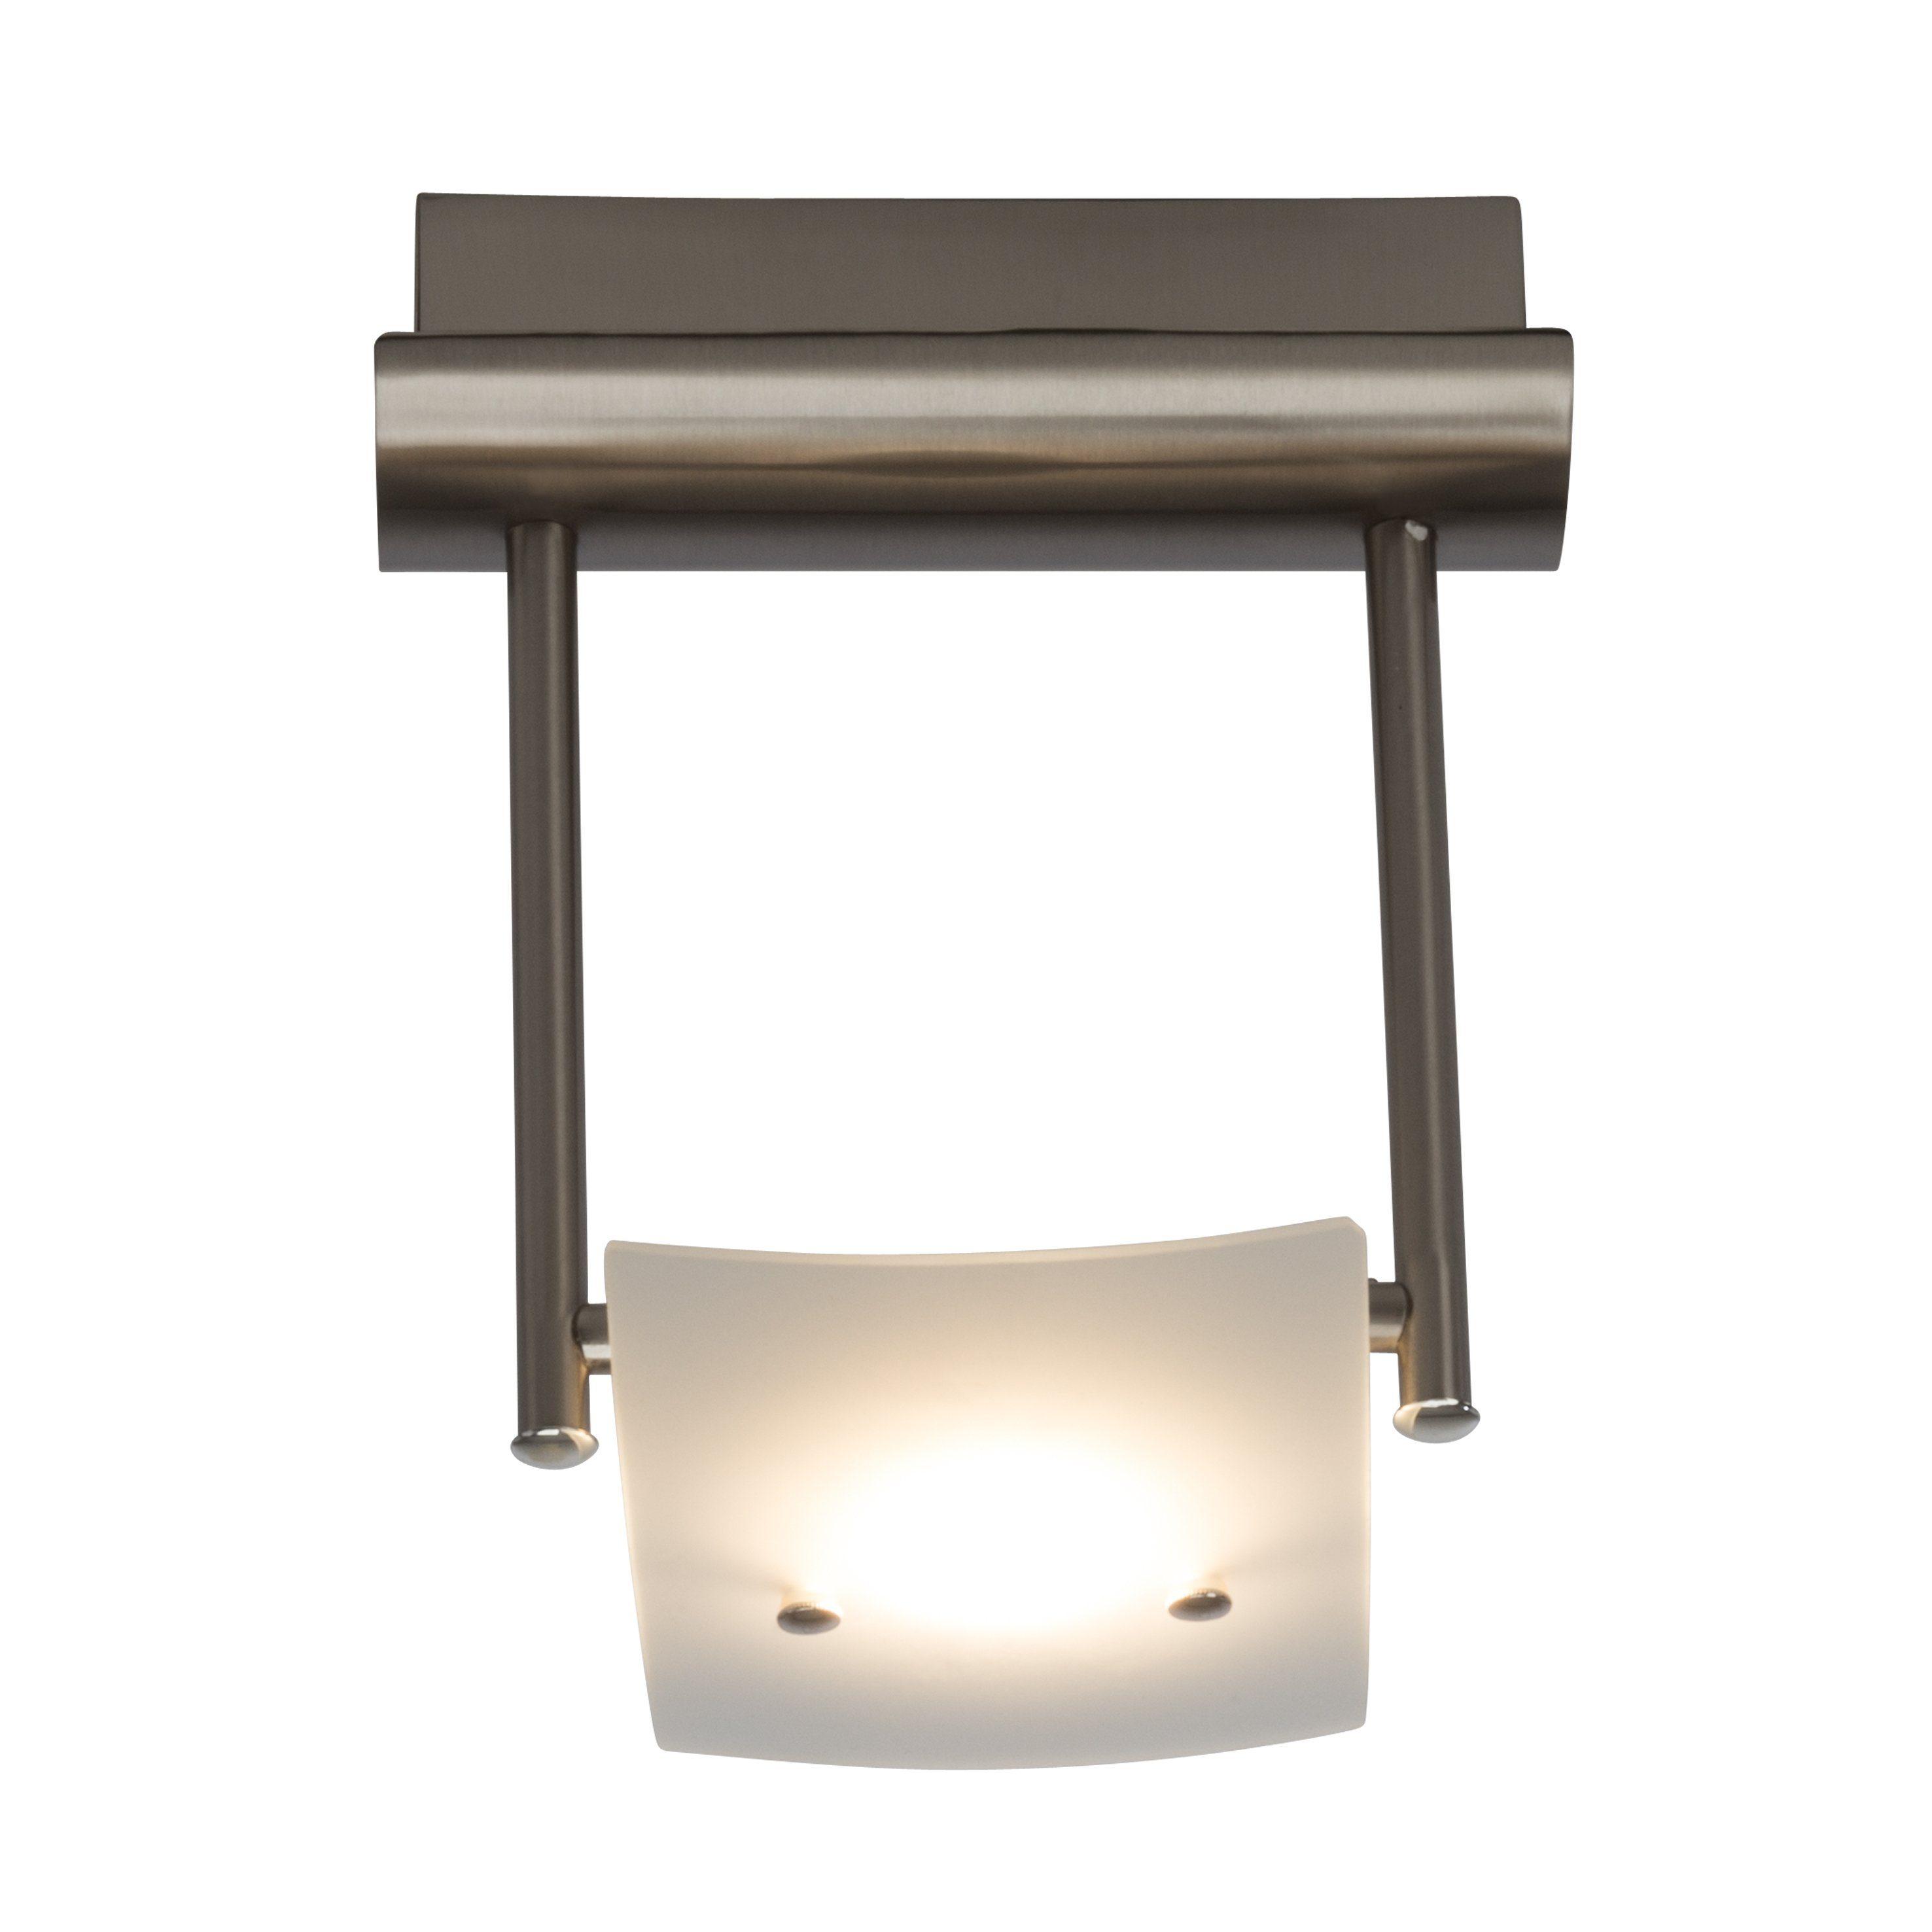 Brilliant Leuchten Fashion Square LED Deckenleuchte, 1-flammig eisen